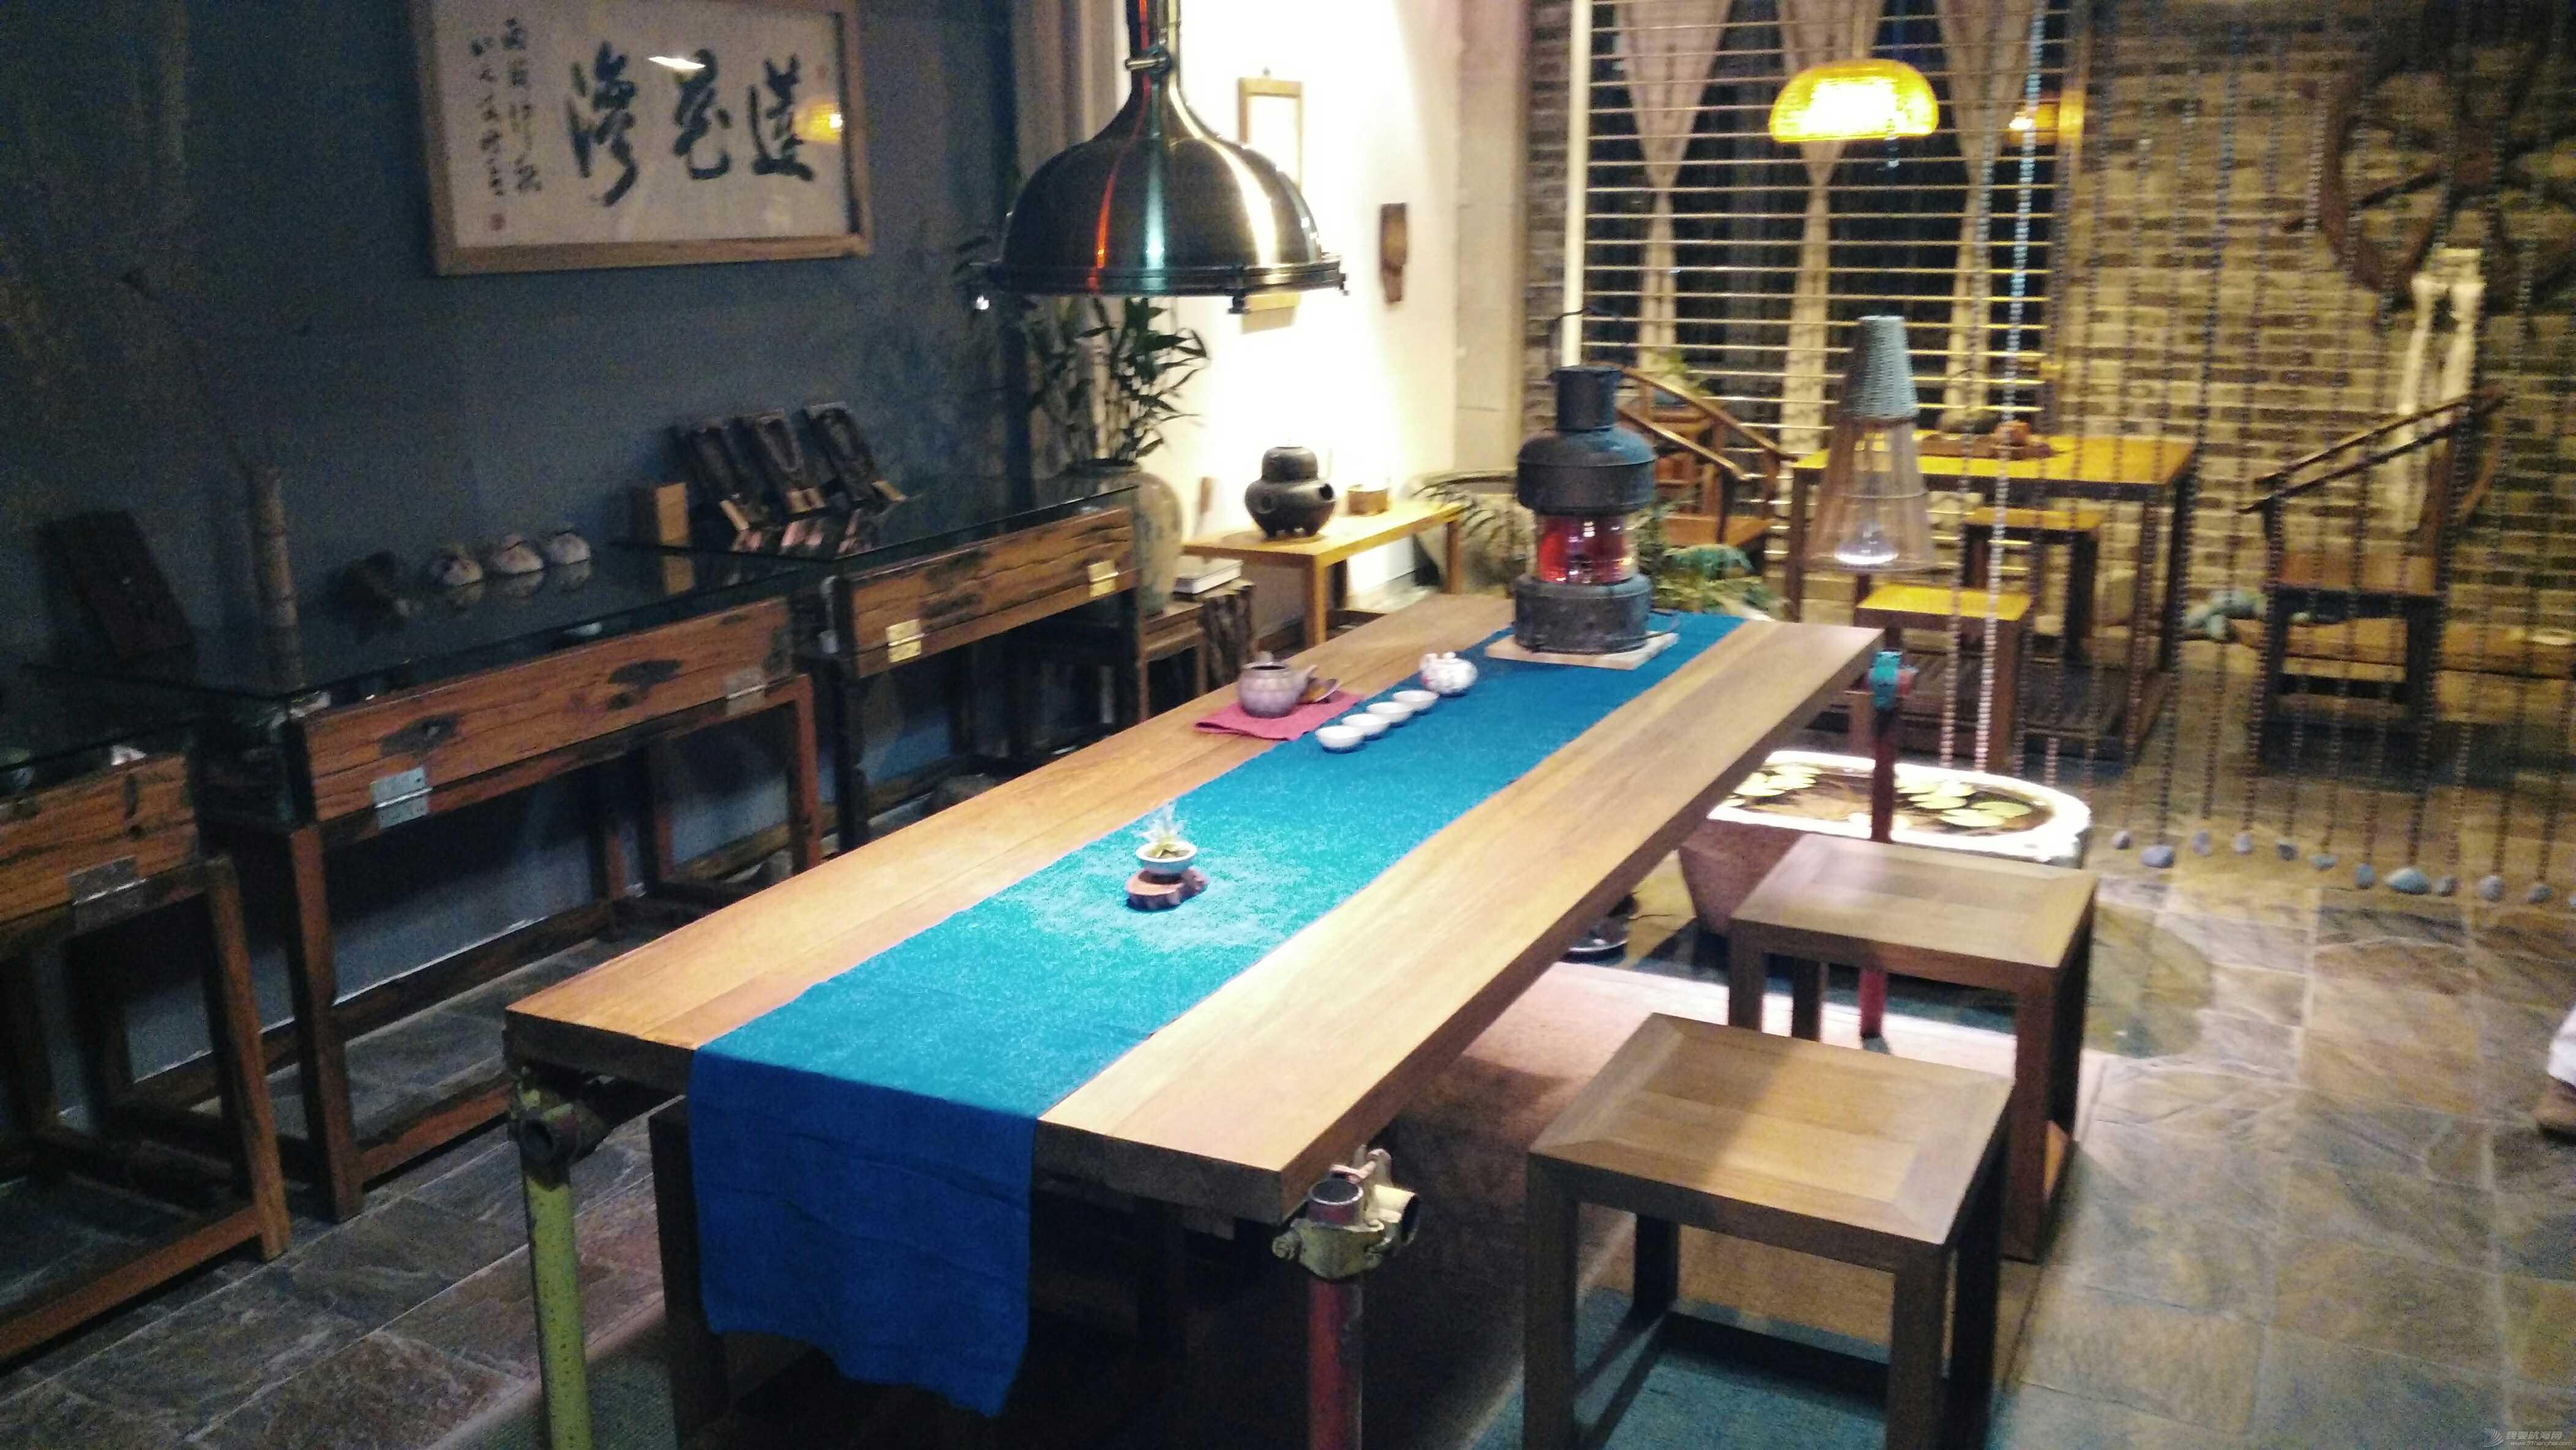 舟山群岛,海洋,俱乐部,帆船,记录 [舟山]DIY双体帆船造船记录 3.jpg